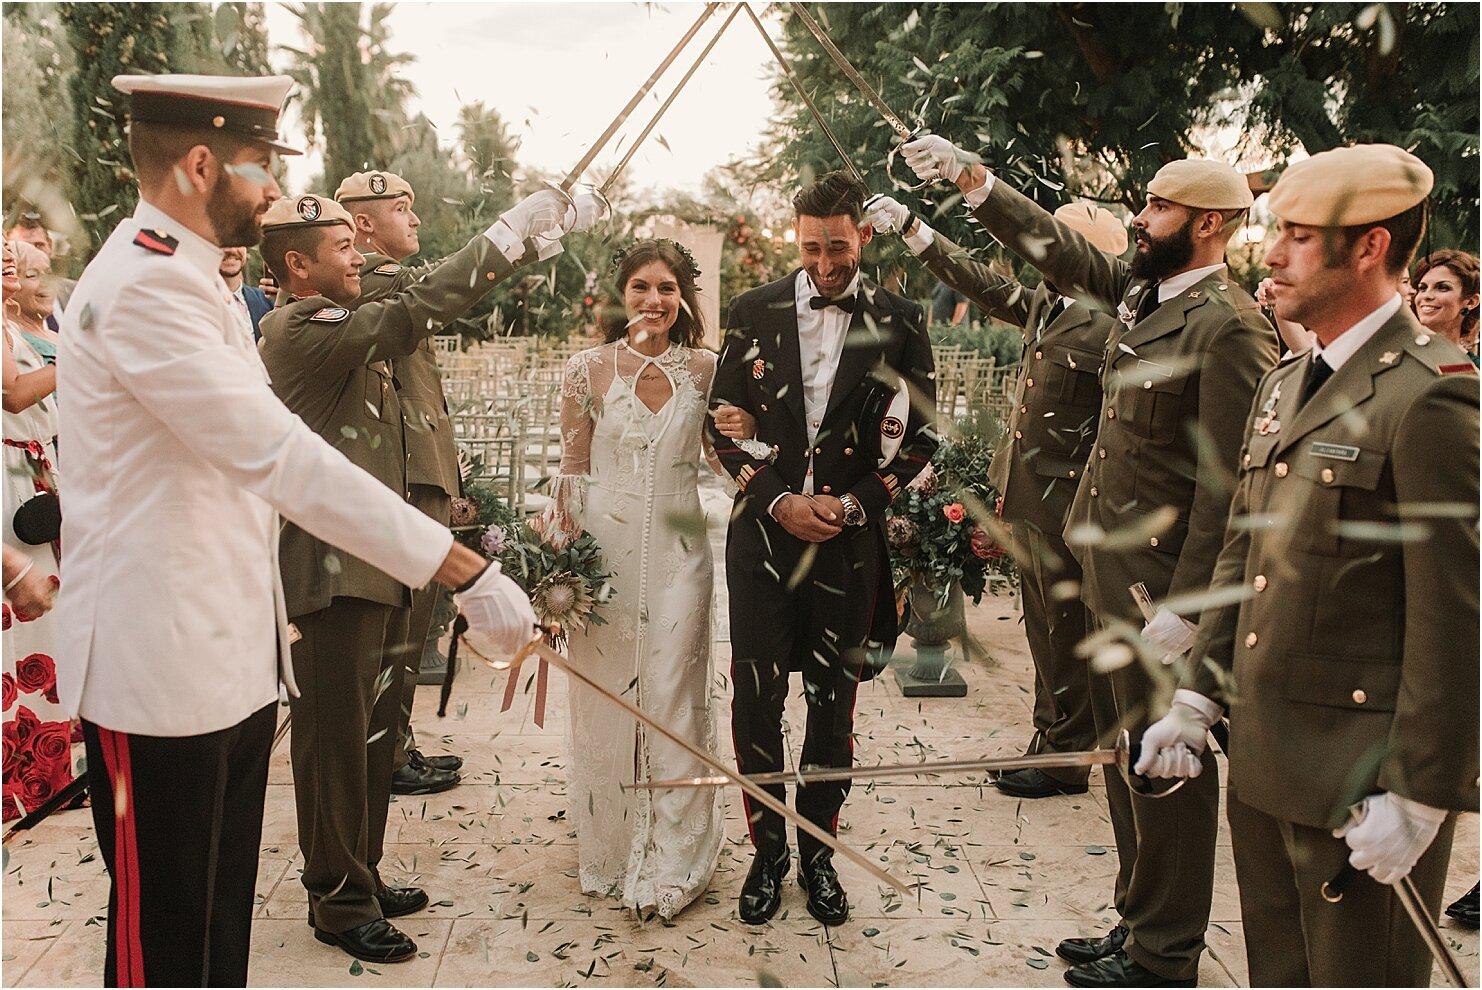 boda-romantica-boda-boho-vestido-de-novia-laura-lomas40.jpg